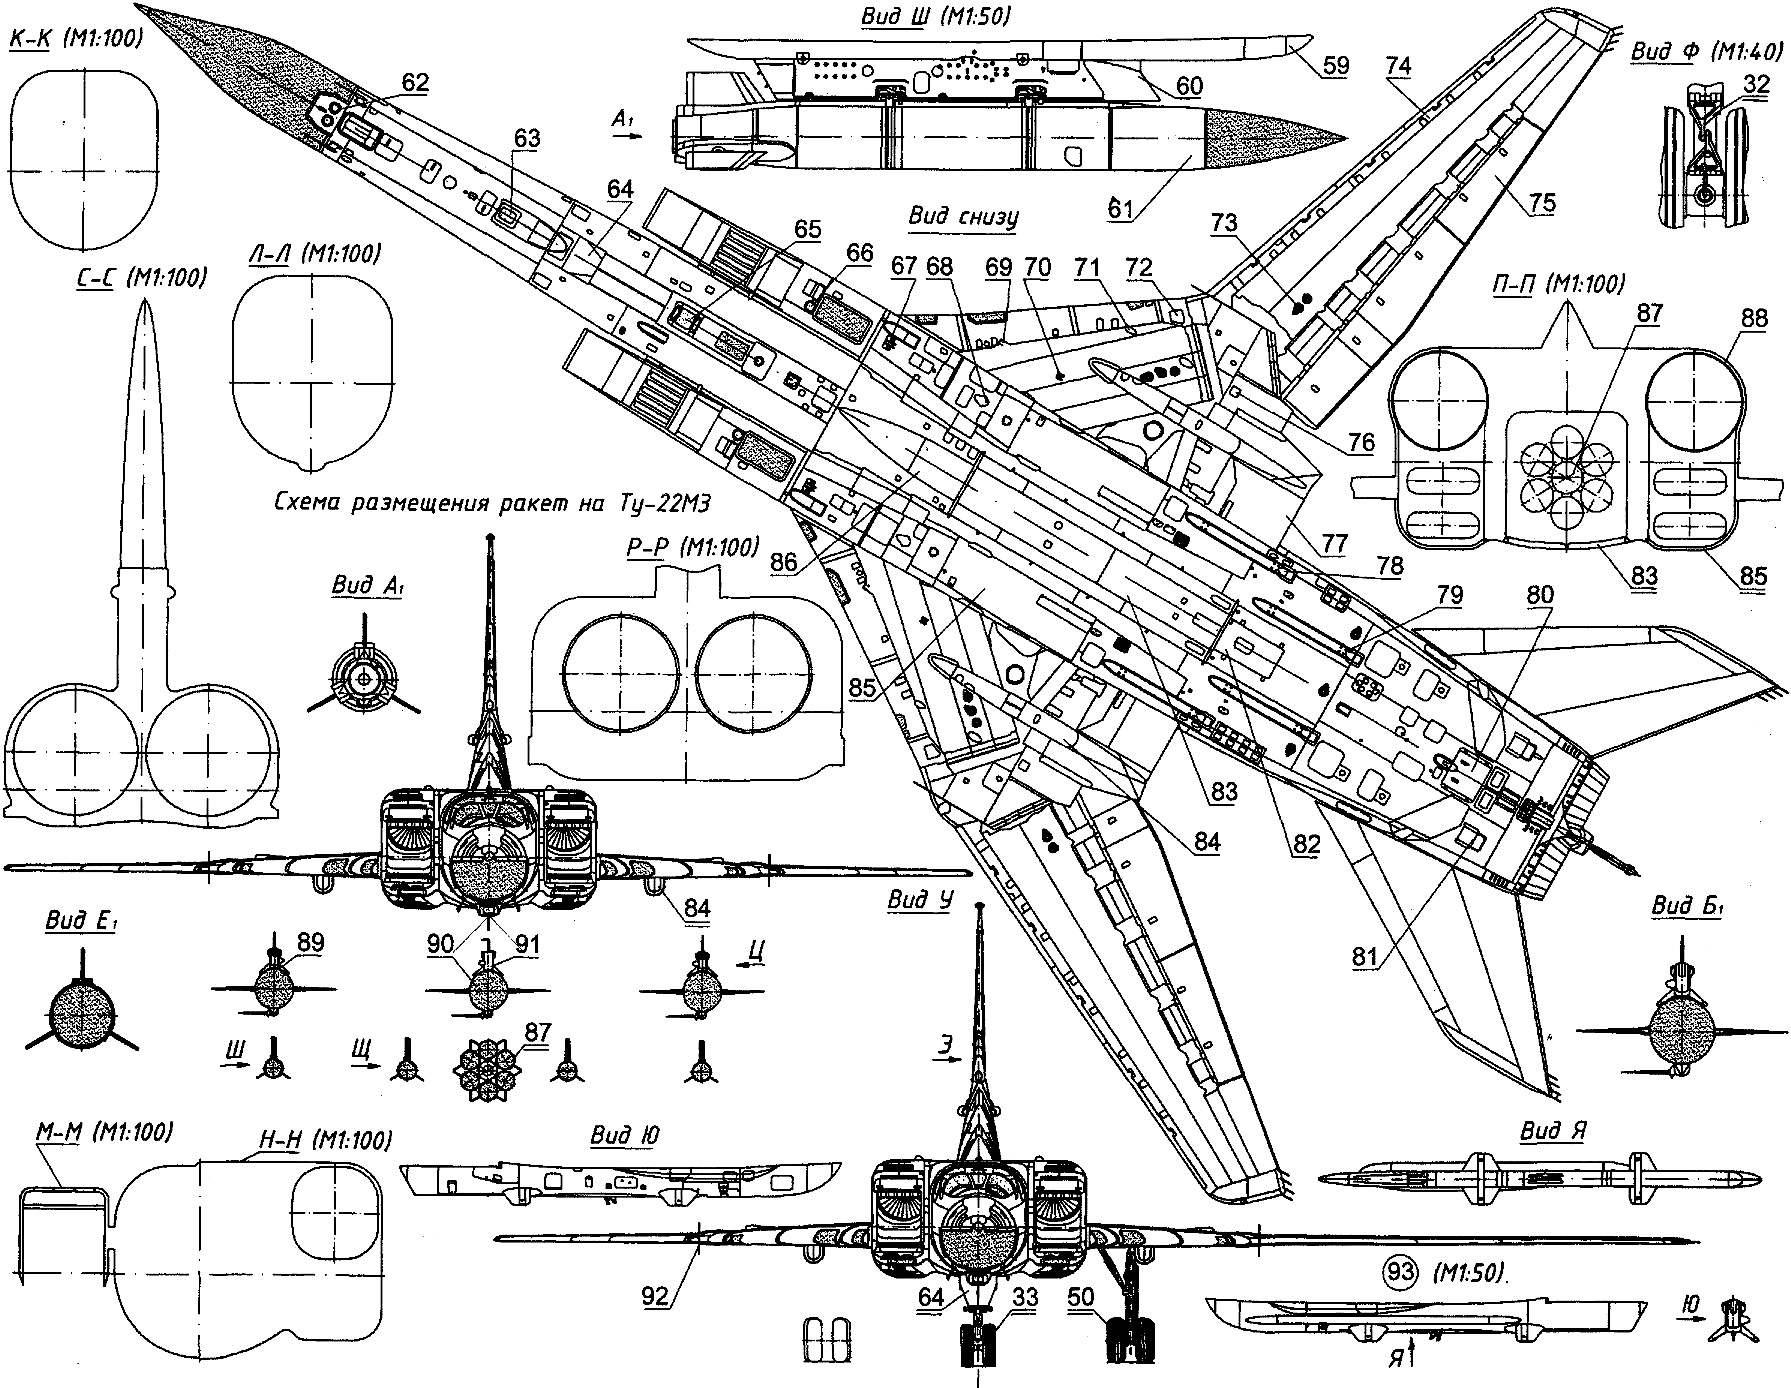 Дальний бомбардировщик-ракетоносец Ту-22М3 (обводы самолета соответствуют машинам первой серии)